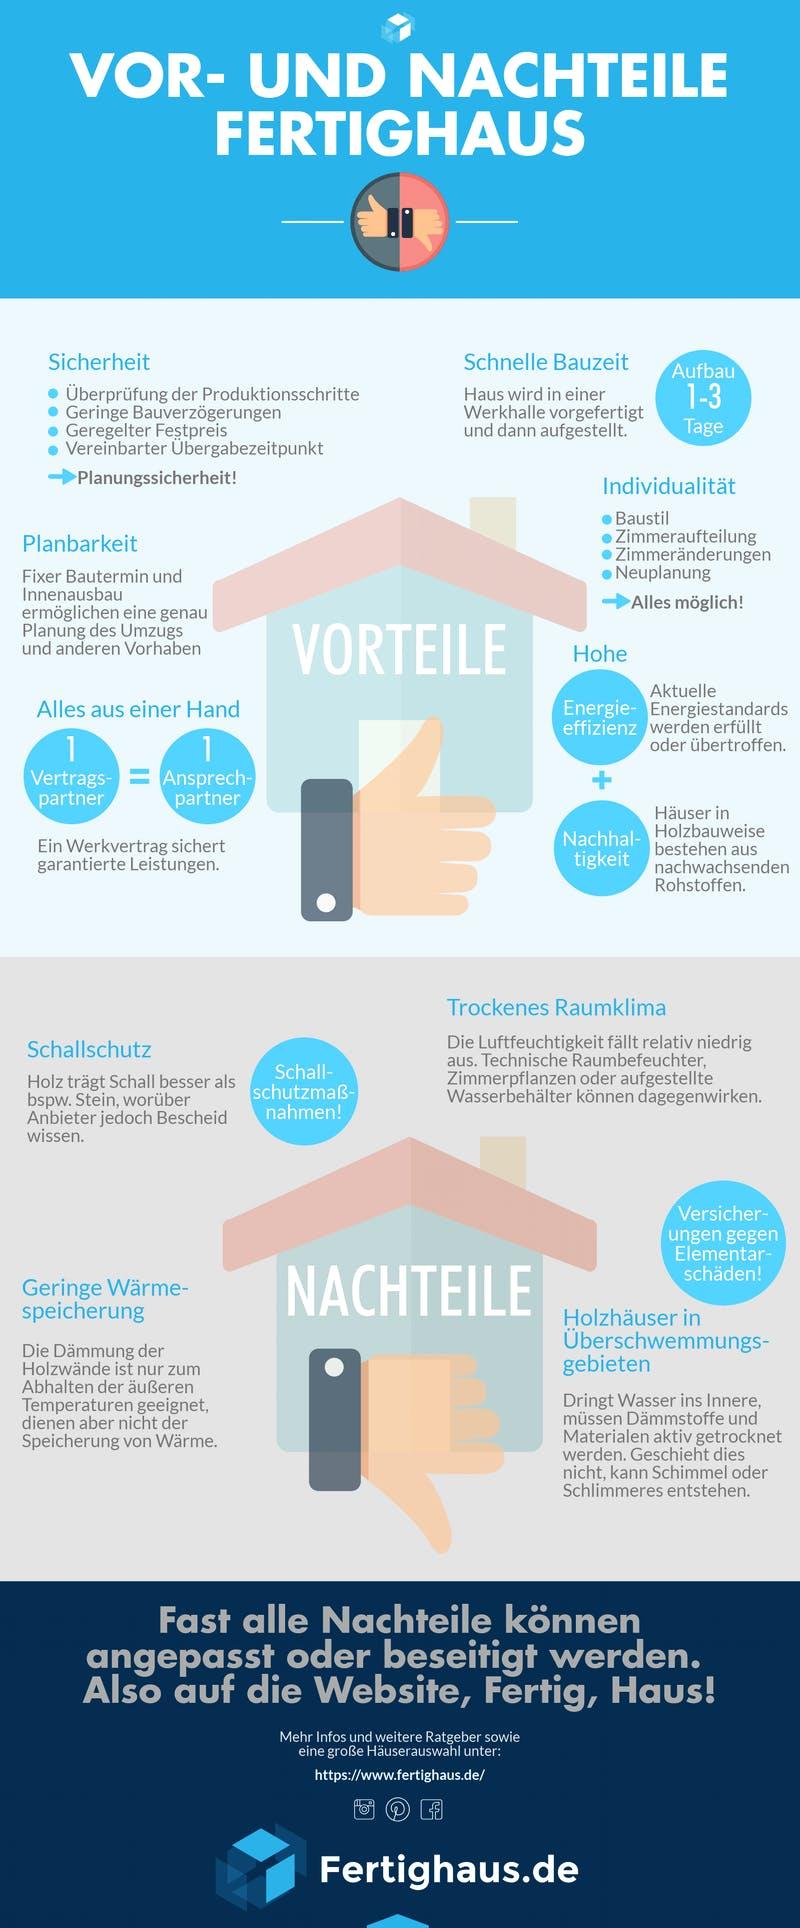 Infografik zu Vorteilen und Nachteilen von Fertighäusern